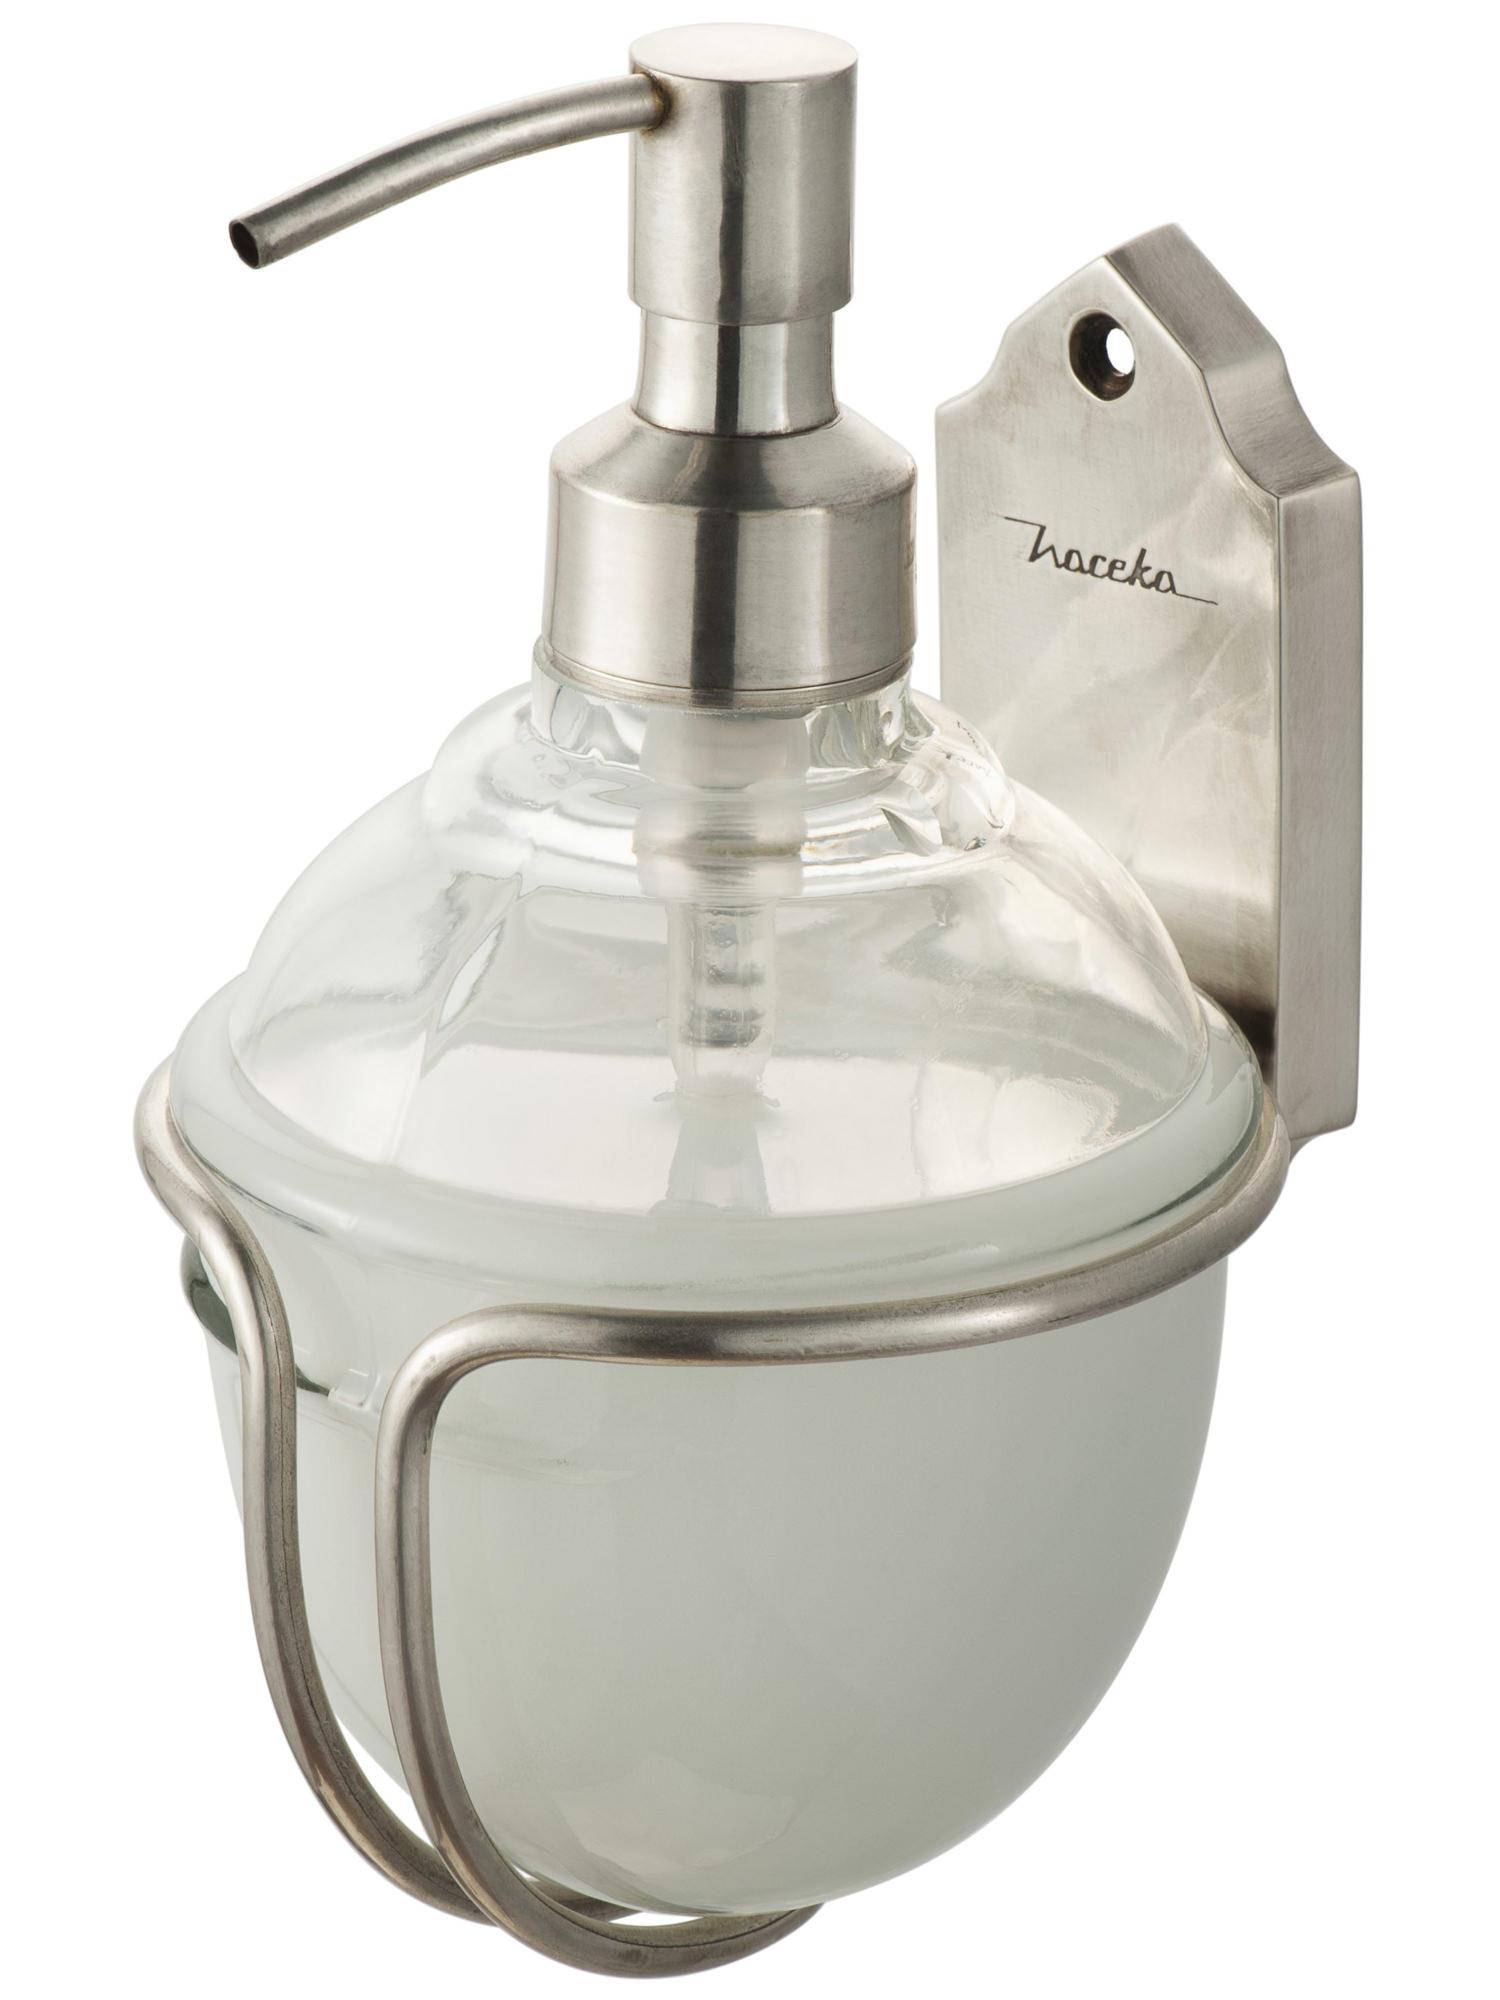 Aqualux Haceka Vintage Soap Dispenser 1170896